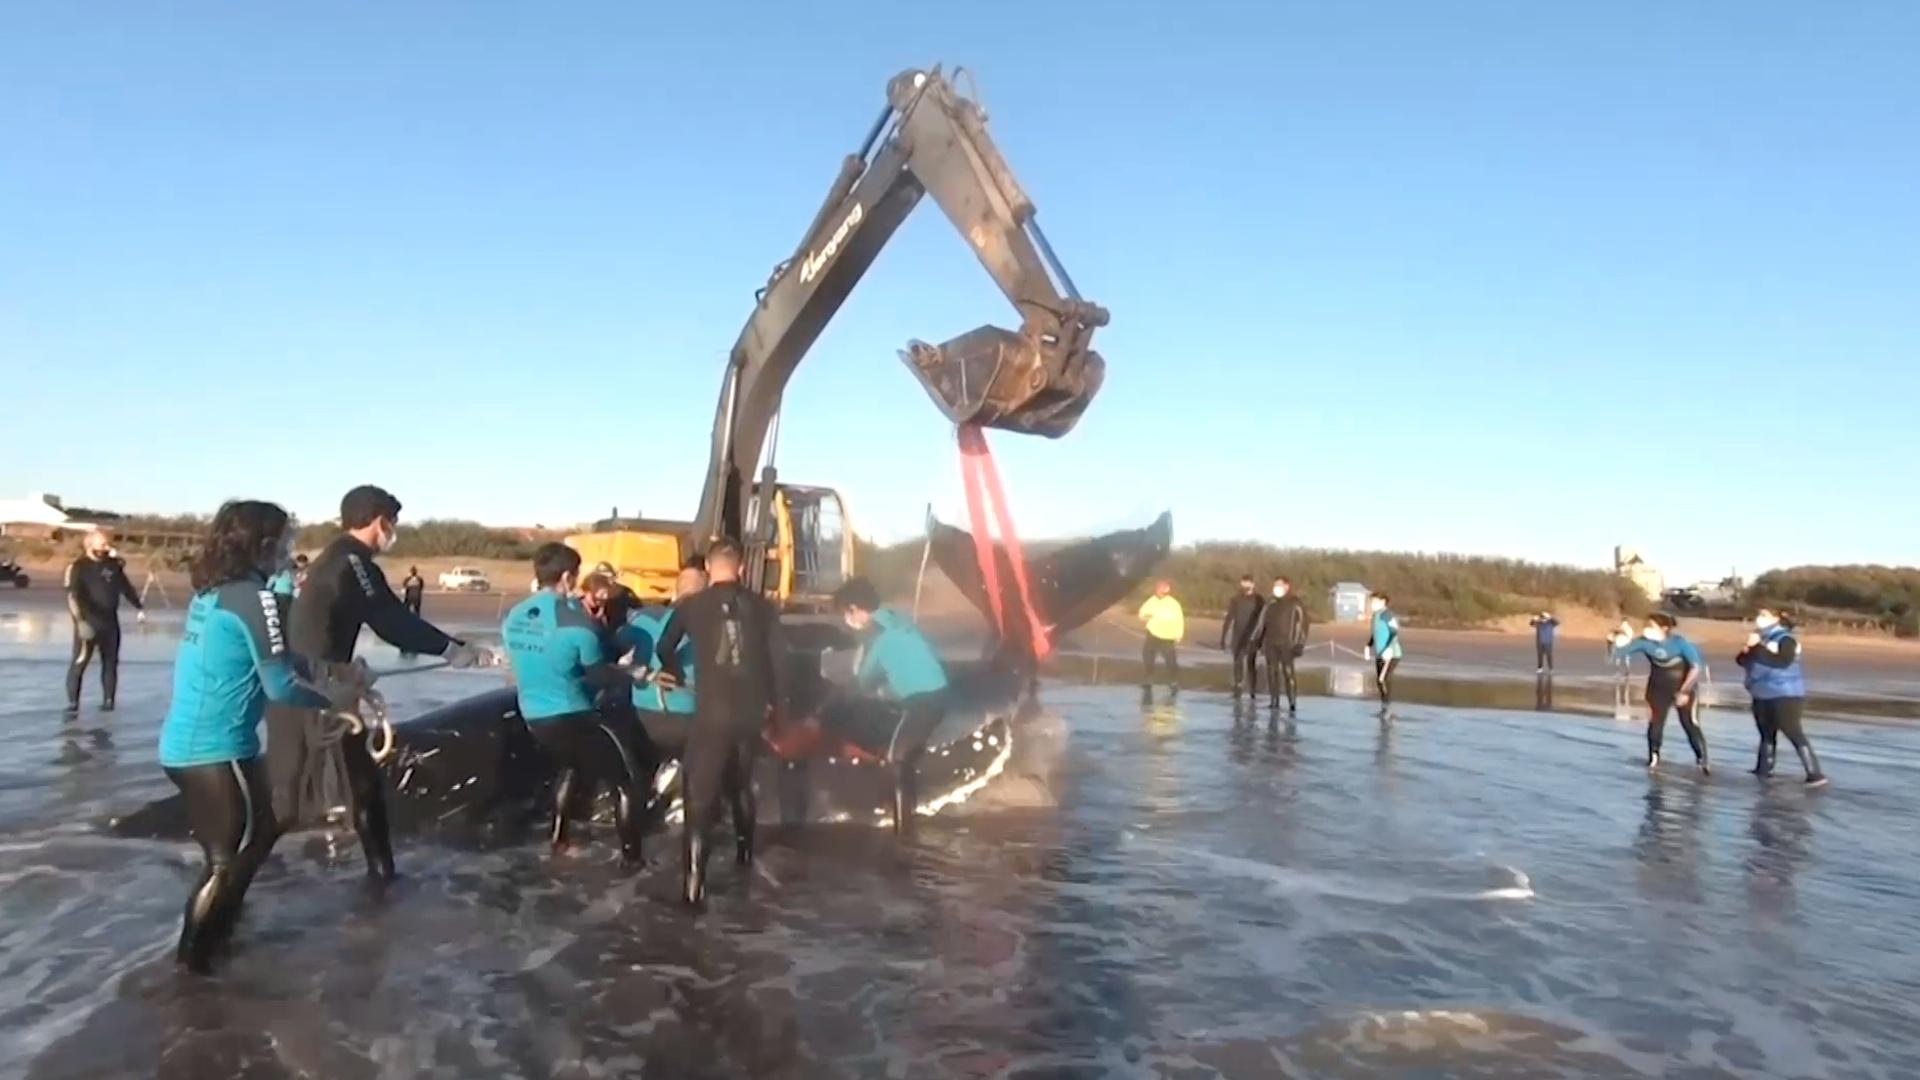 Двух китов, выбросившихся на берег, спасли в Аргентине